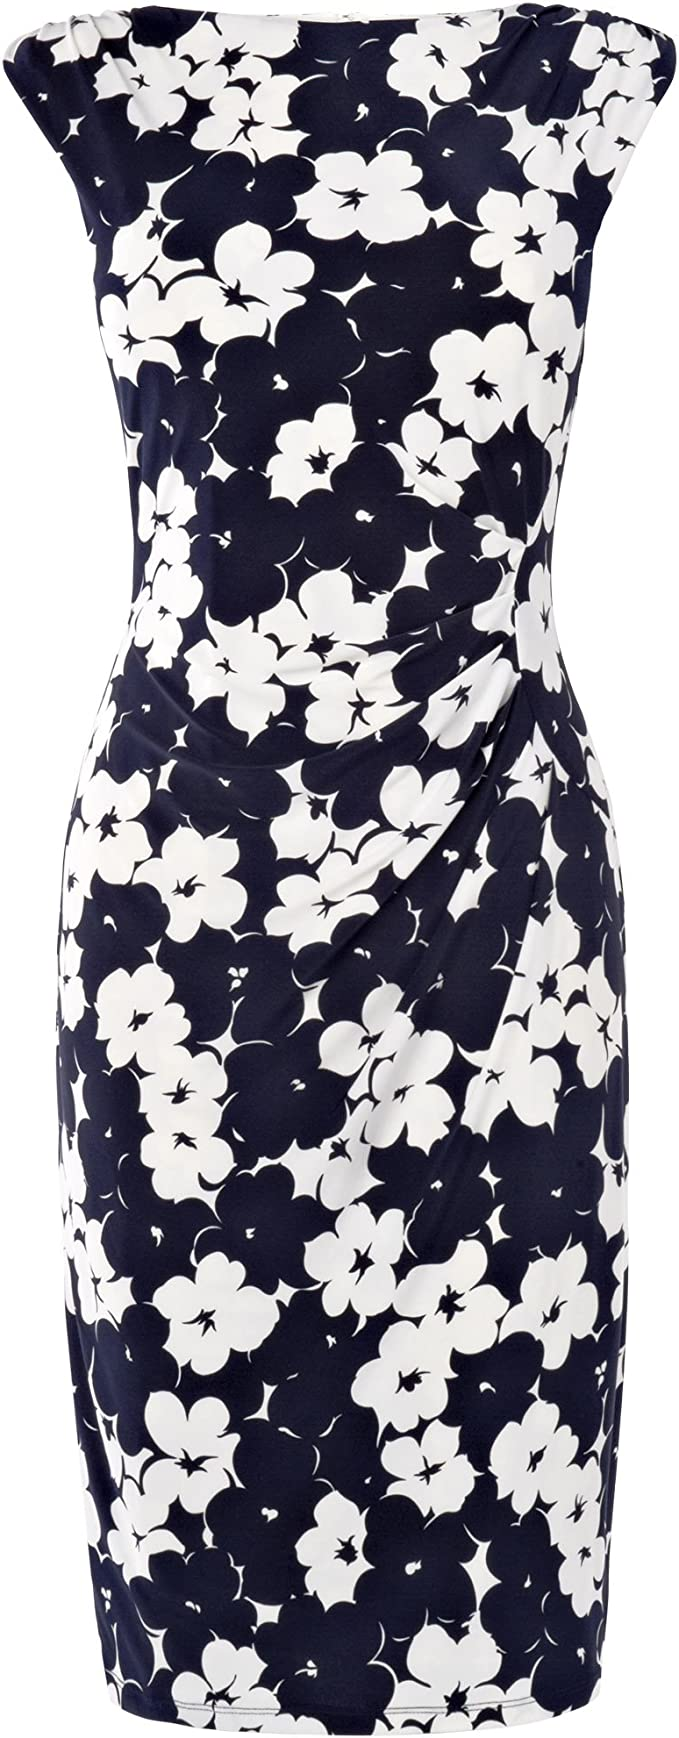 Phase Eight Damen Pansy Kleid Blau Navy Ivory 38 Amazon De Bekleidung